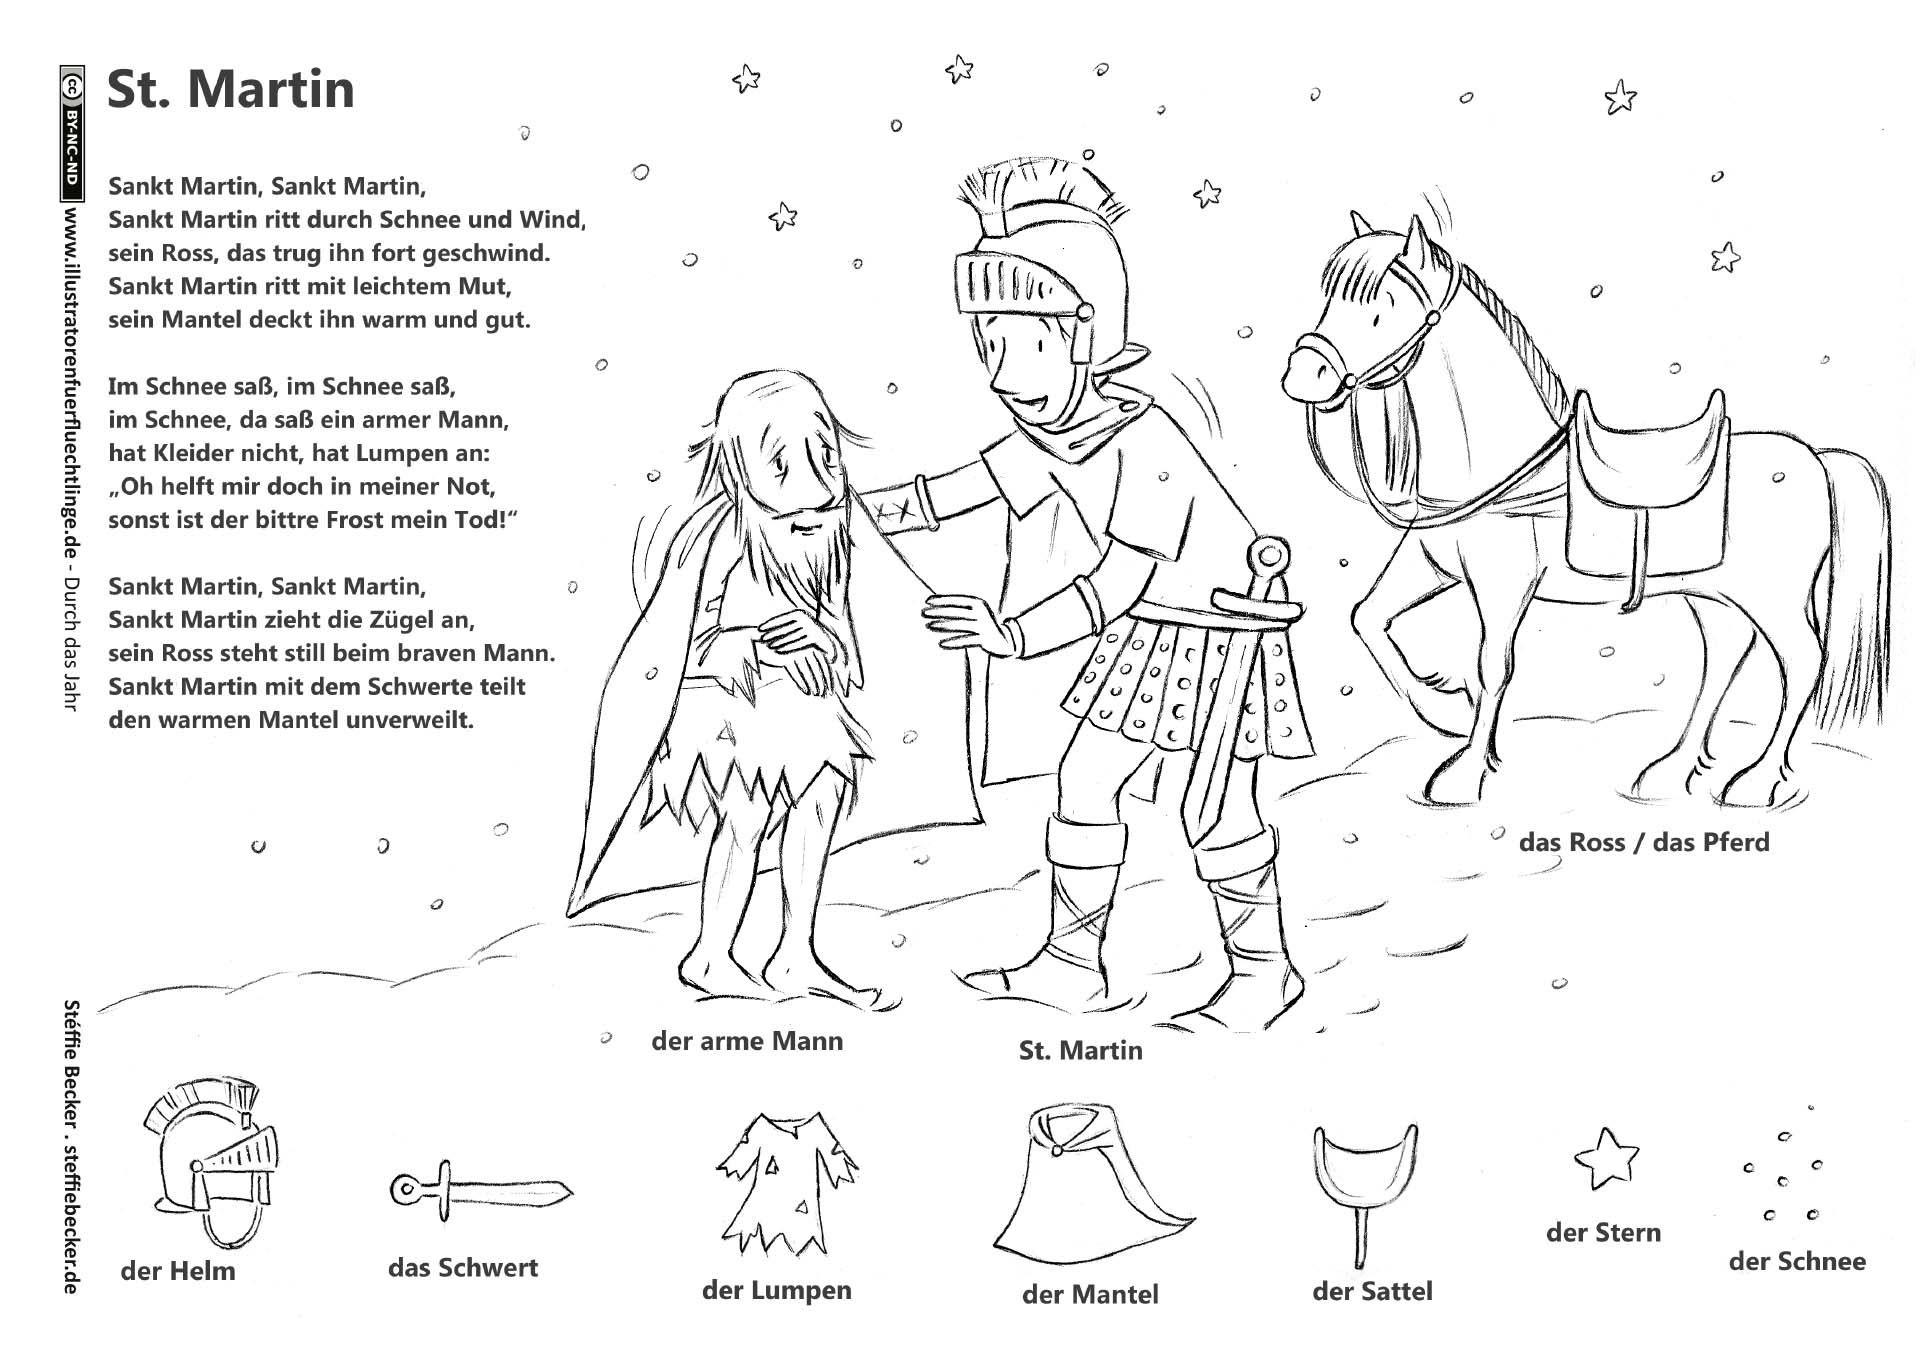 Bilder St Martin Kostenlos - kinderbilderdownload